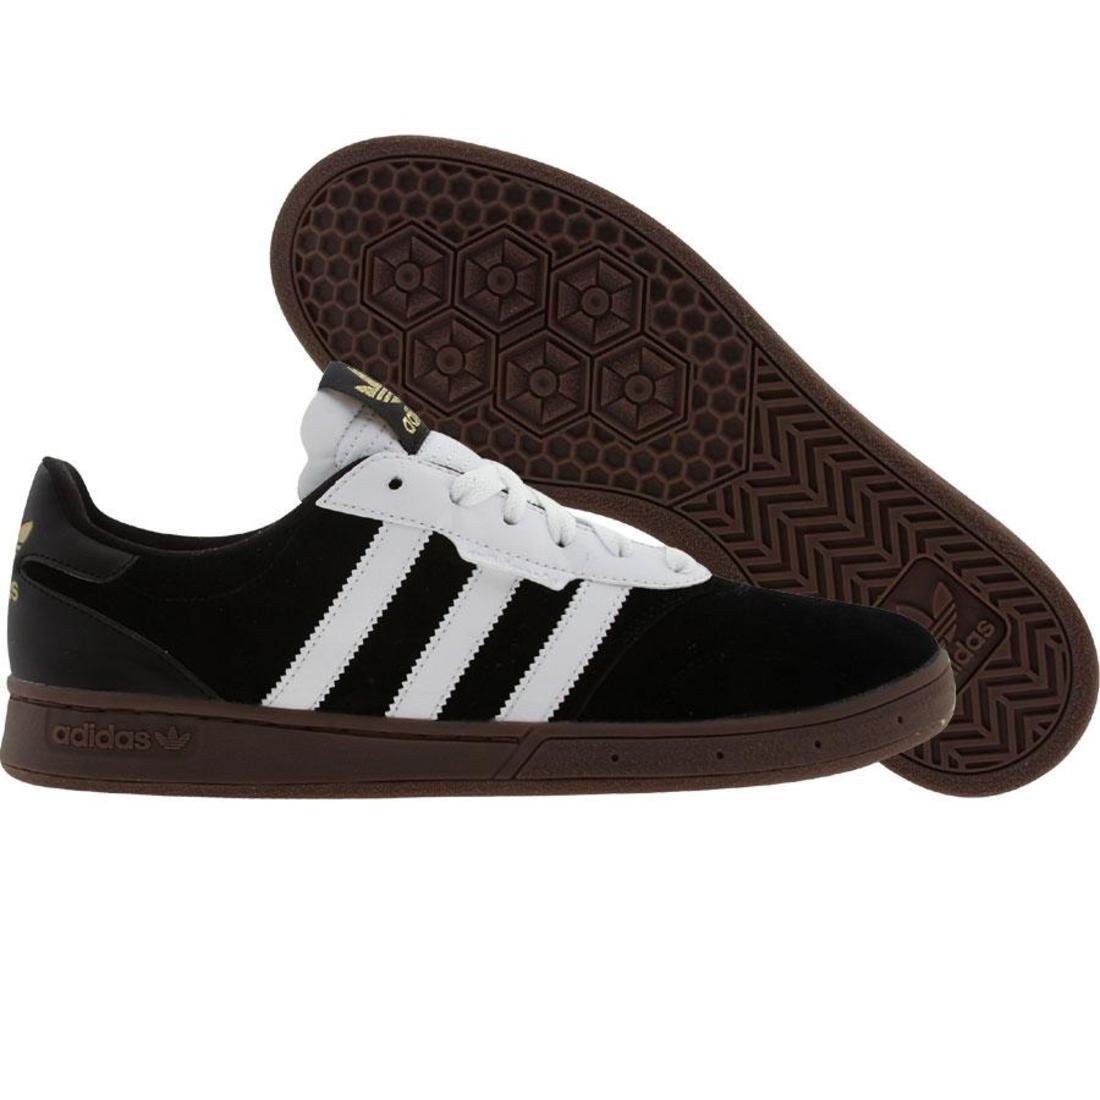 【海外限定】アディダス コーレド メンズ靴 靴 【 ADIDAS COREDO BLACK RUNNINWHITE METALLIC GOLD 】